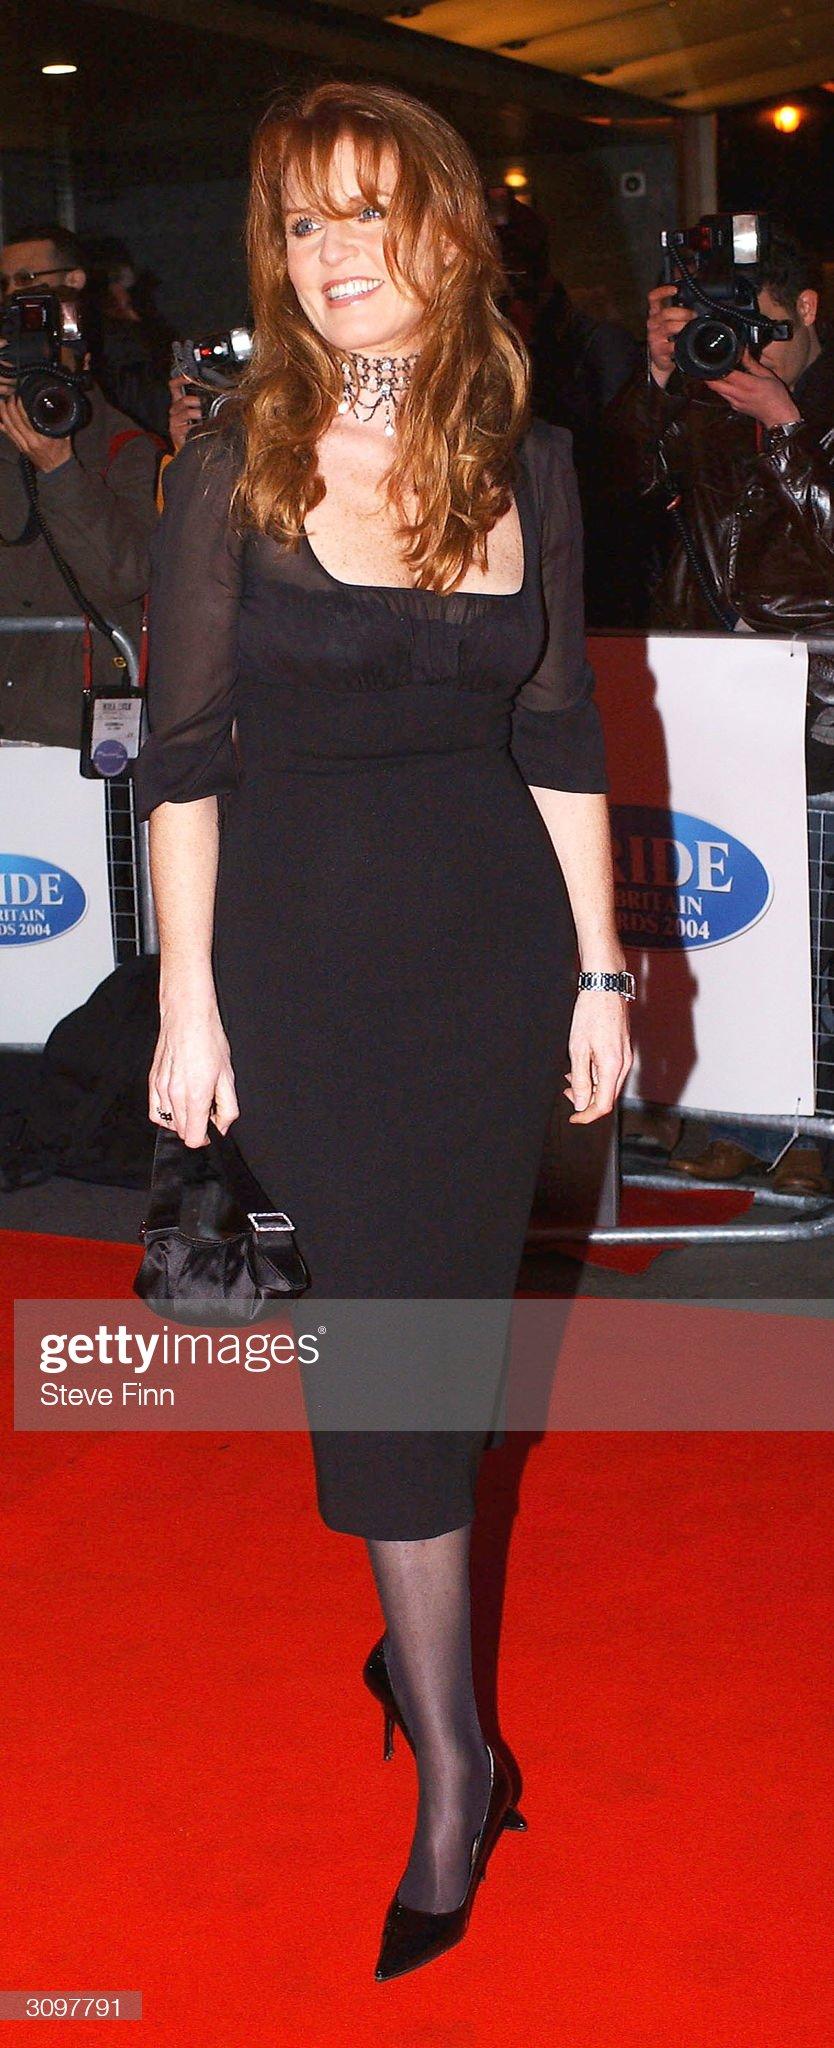 Вечерние наряды Отем пока еще Филлипс и Сары Йоркской Daily Mirror's Pride Of Britain Awards : News Photo